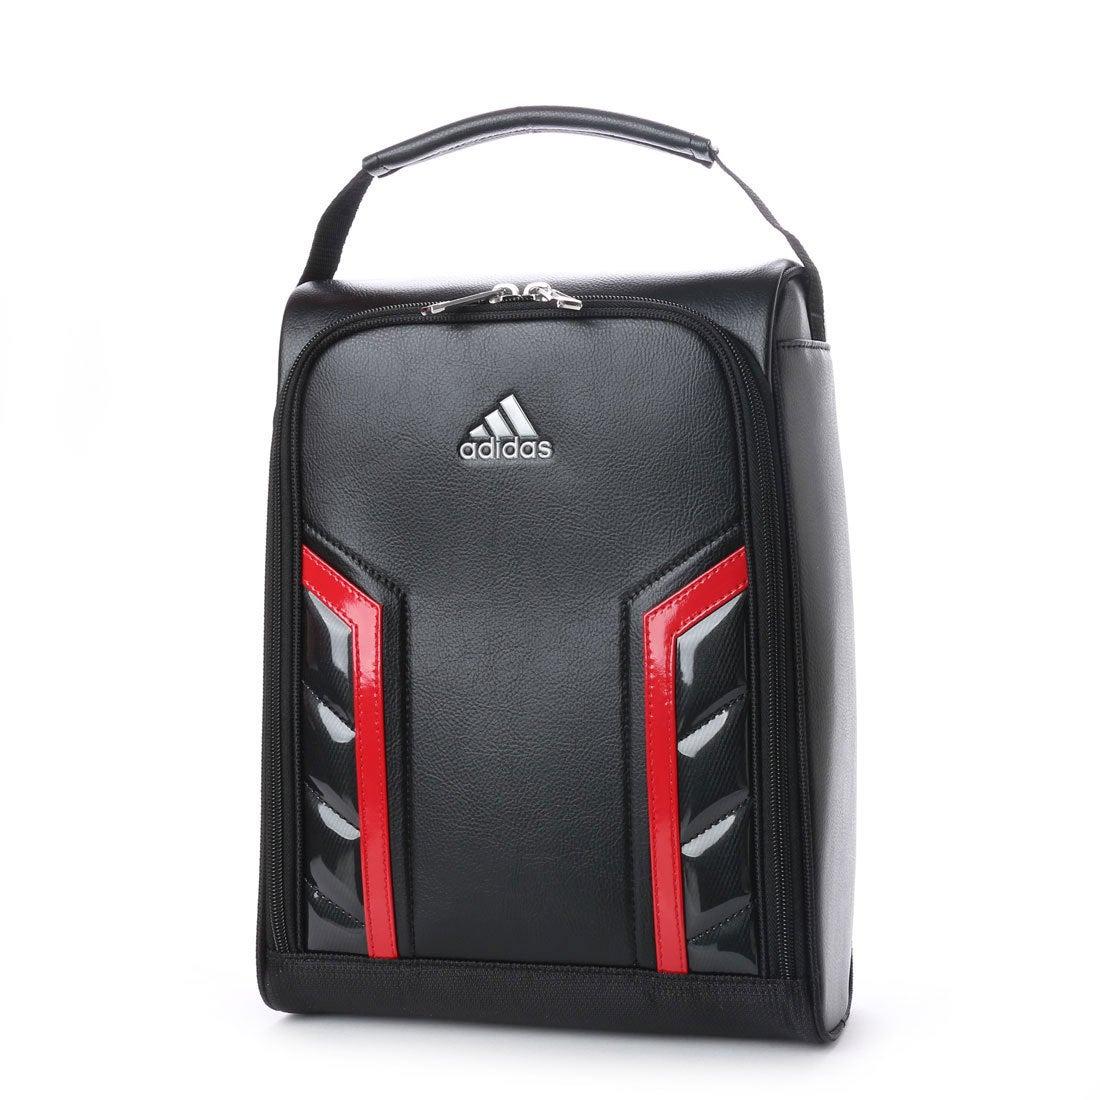 アディダス adidas メンズ ゴルフ シューズケース シルバーロゴシューズケース M72049